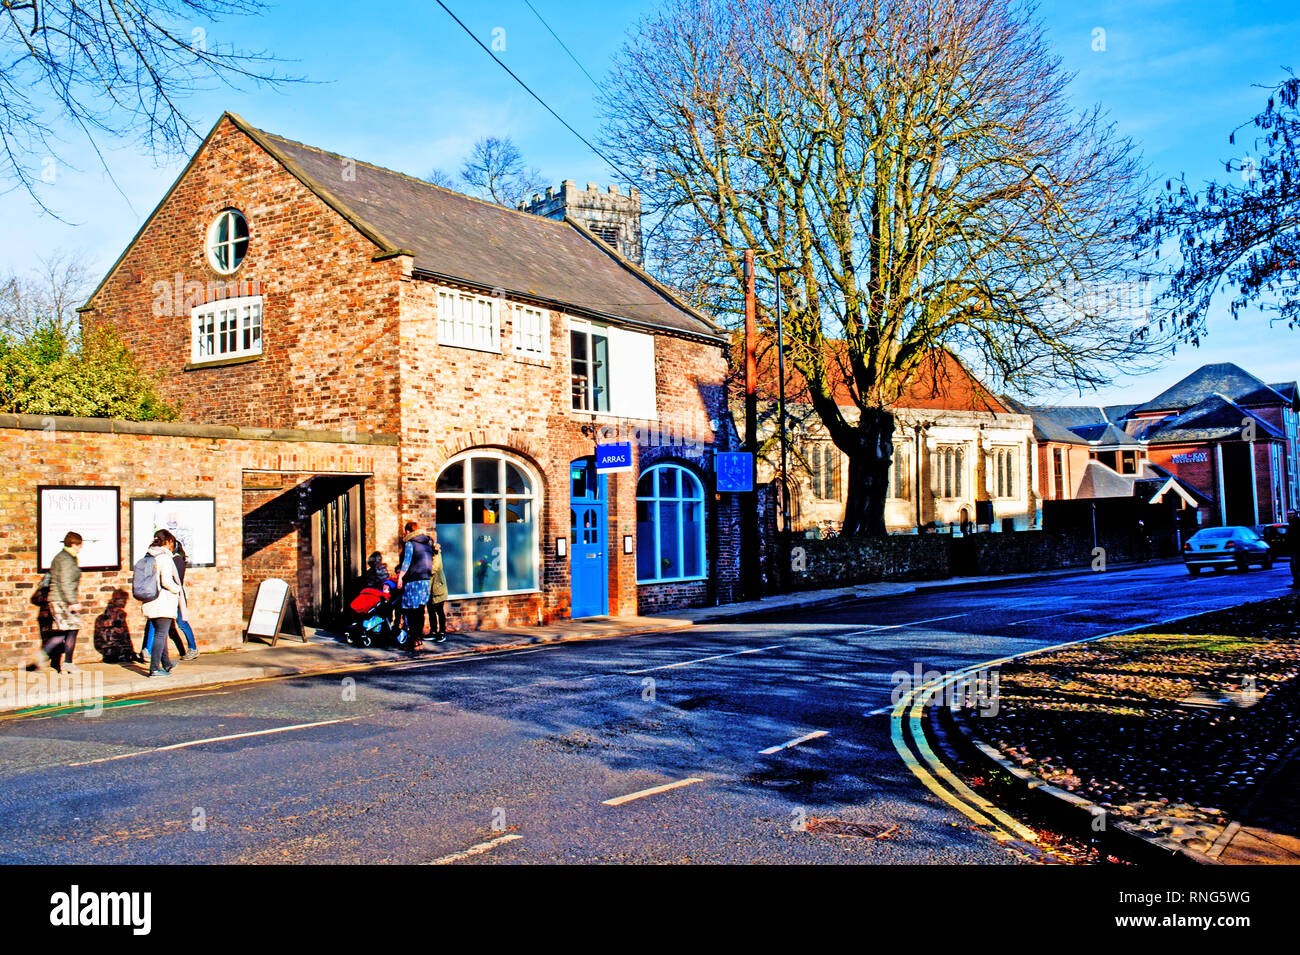 Peasholme Green, York, England - Stock Image